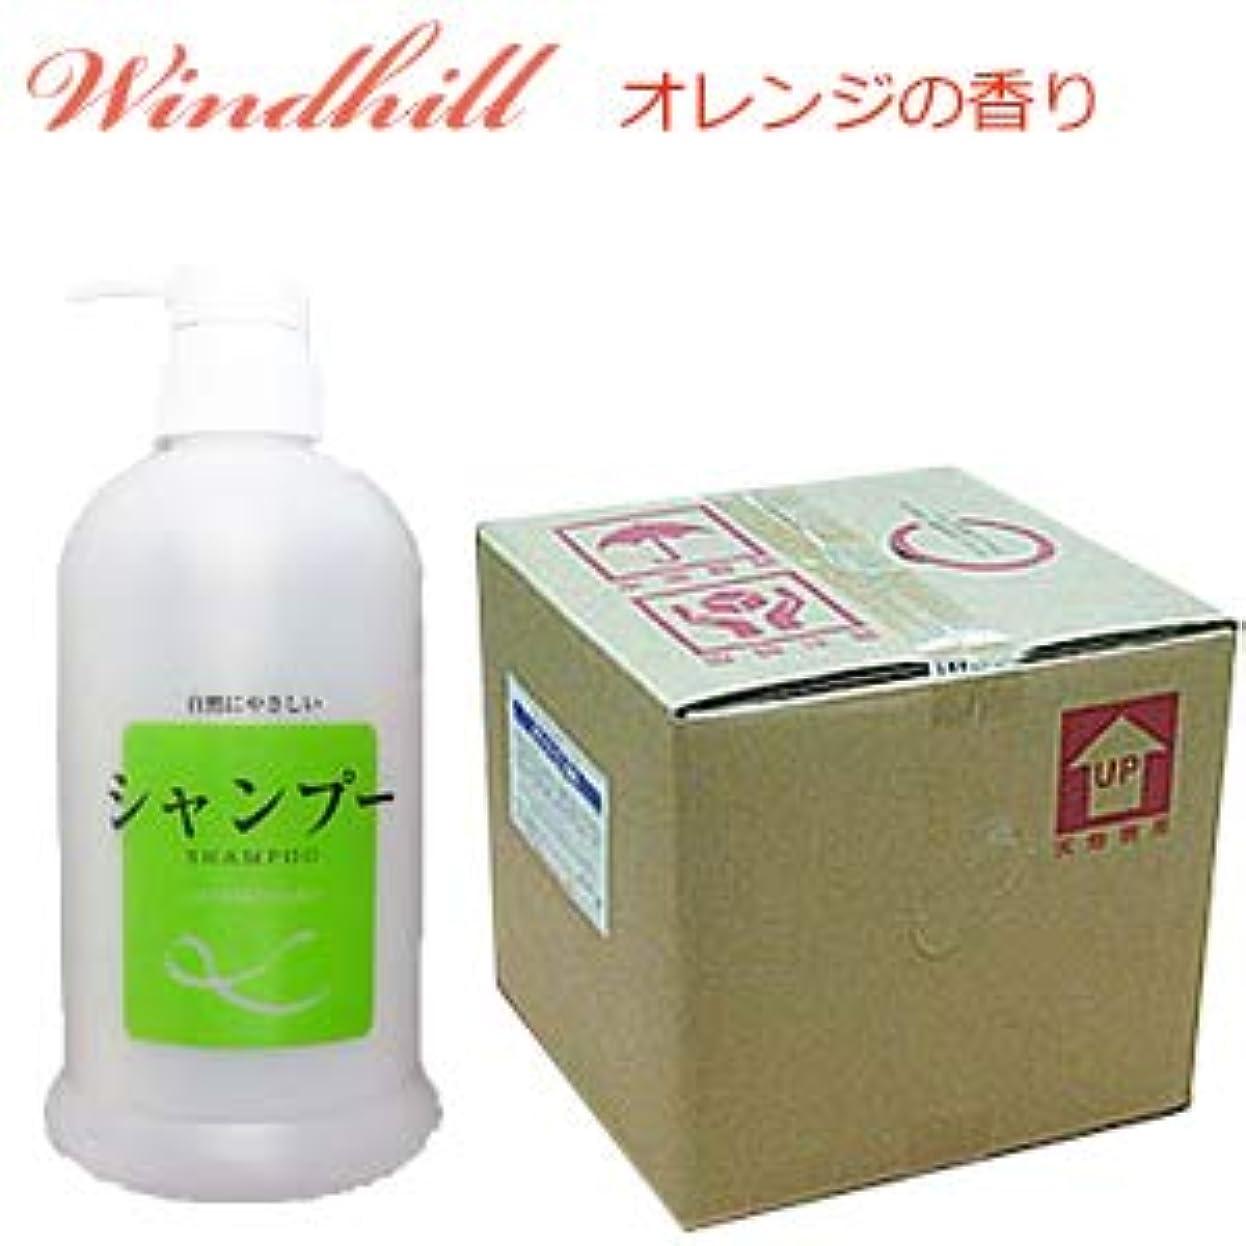 カニ全部関係ないWindhill 植物性 業務用 シャンプー オレンジの香り 20L(1セット20L入)